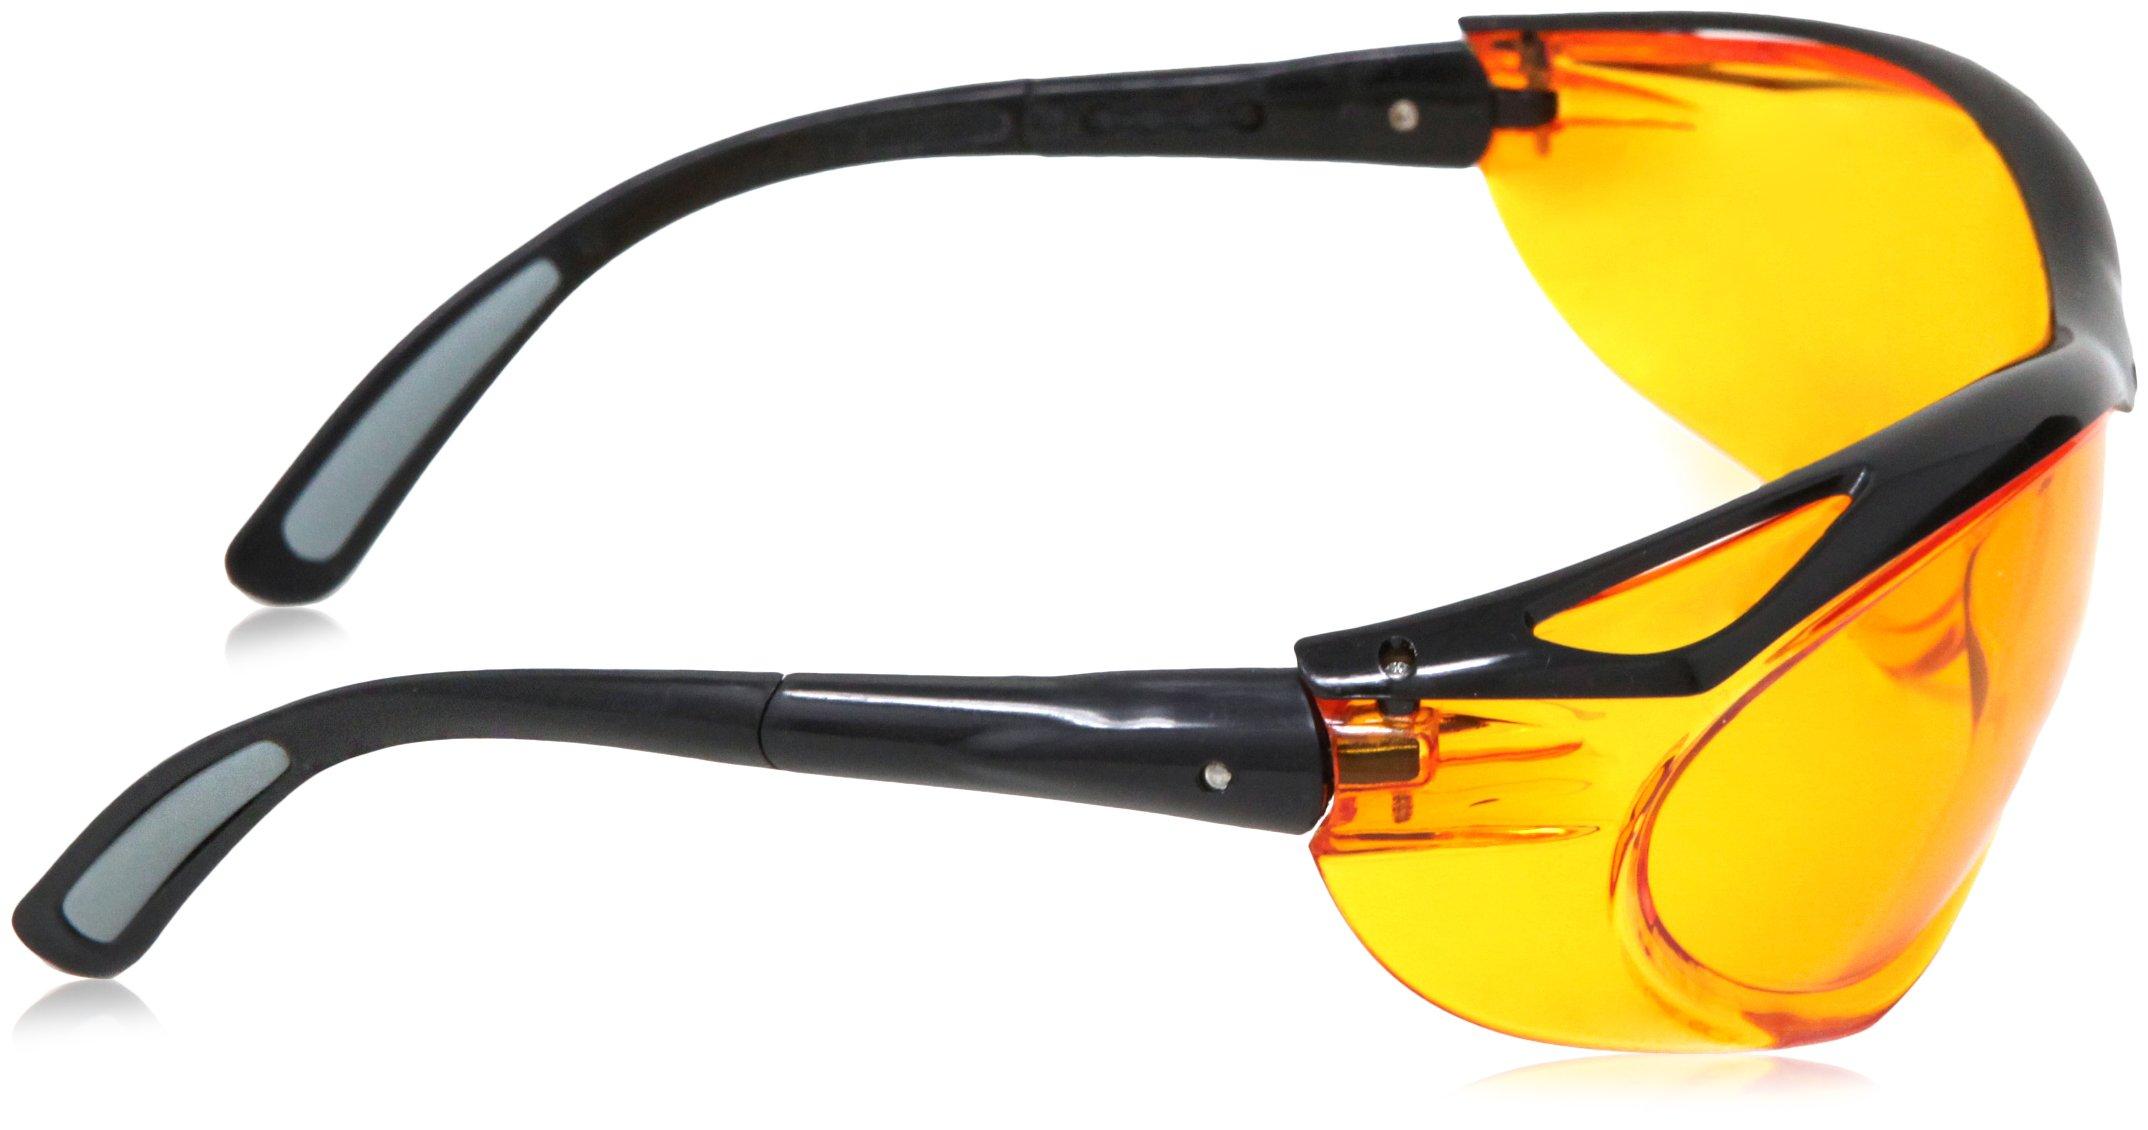 AmazonBasics Blue Light Blocking Safety Glasses, Anti-Fog, Orange Lens, 12-Count by AmazonBasics (Image #7)